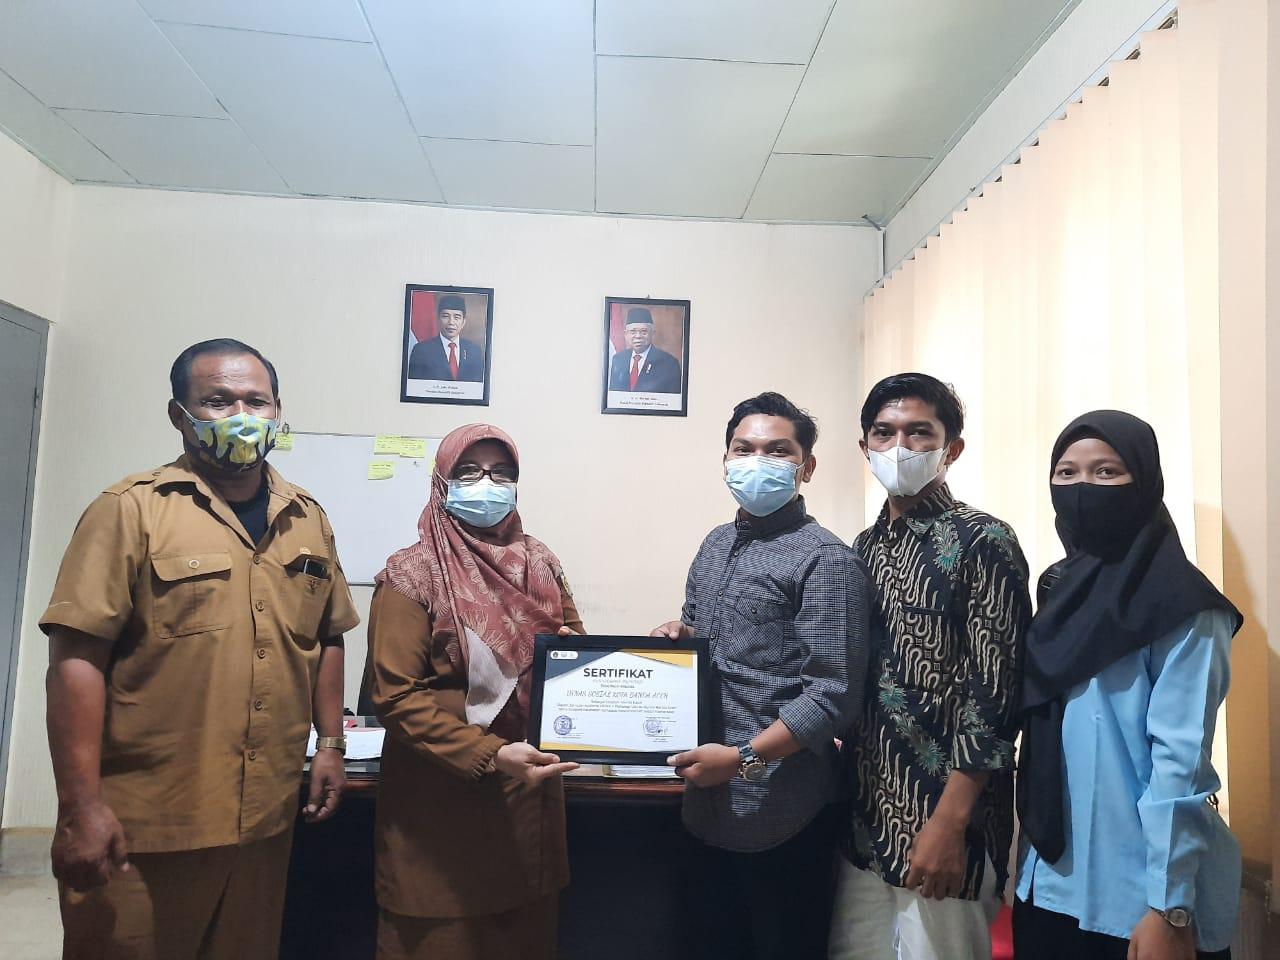 Demaf Psikologi Uin Ar Raniry Audiensi Bersama Dinsos Kota Banda Aceh Terkait Masalah Sosial